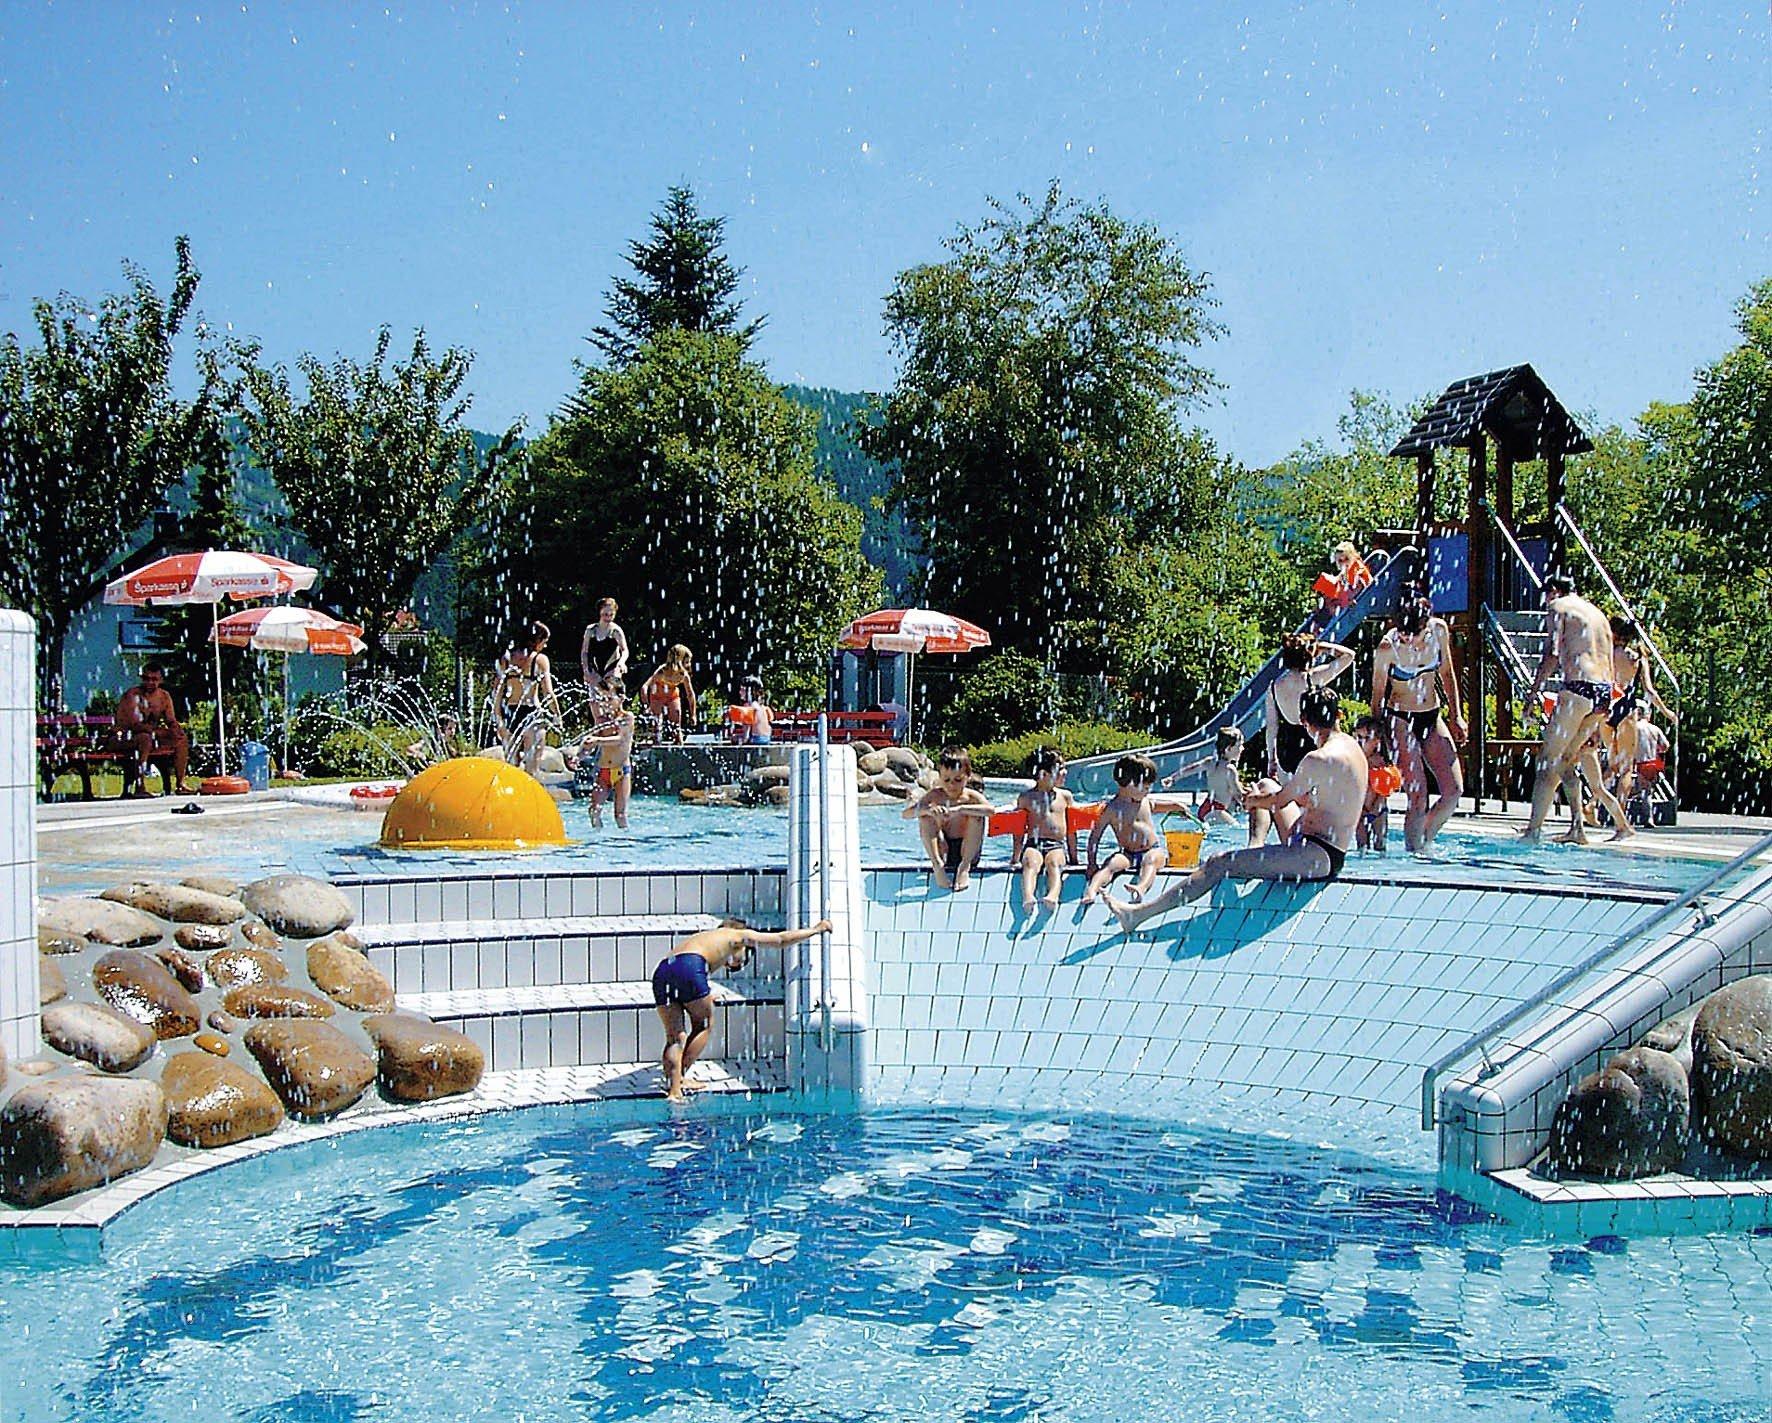 Das beheizte Freibad bietet spaß für Groß und Klein